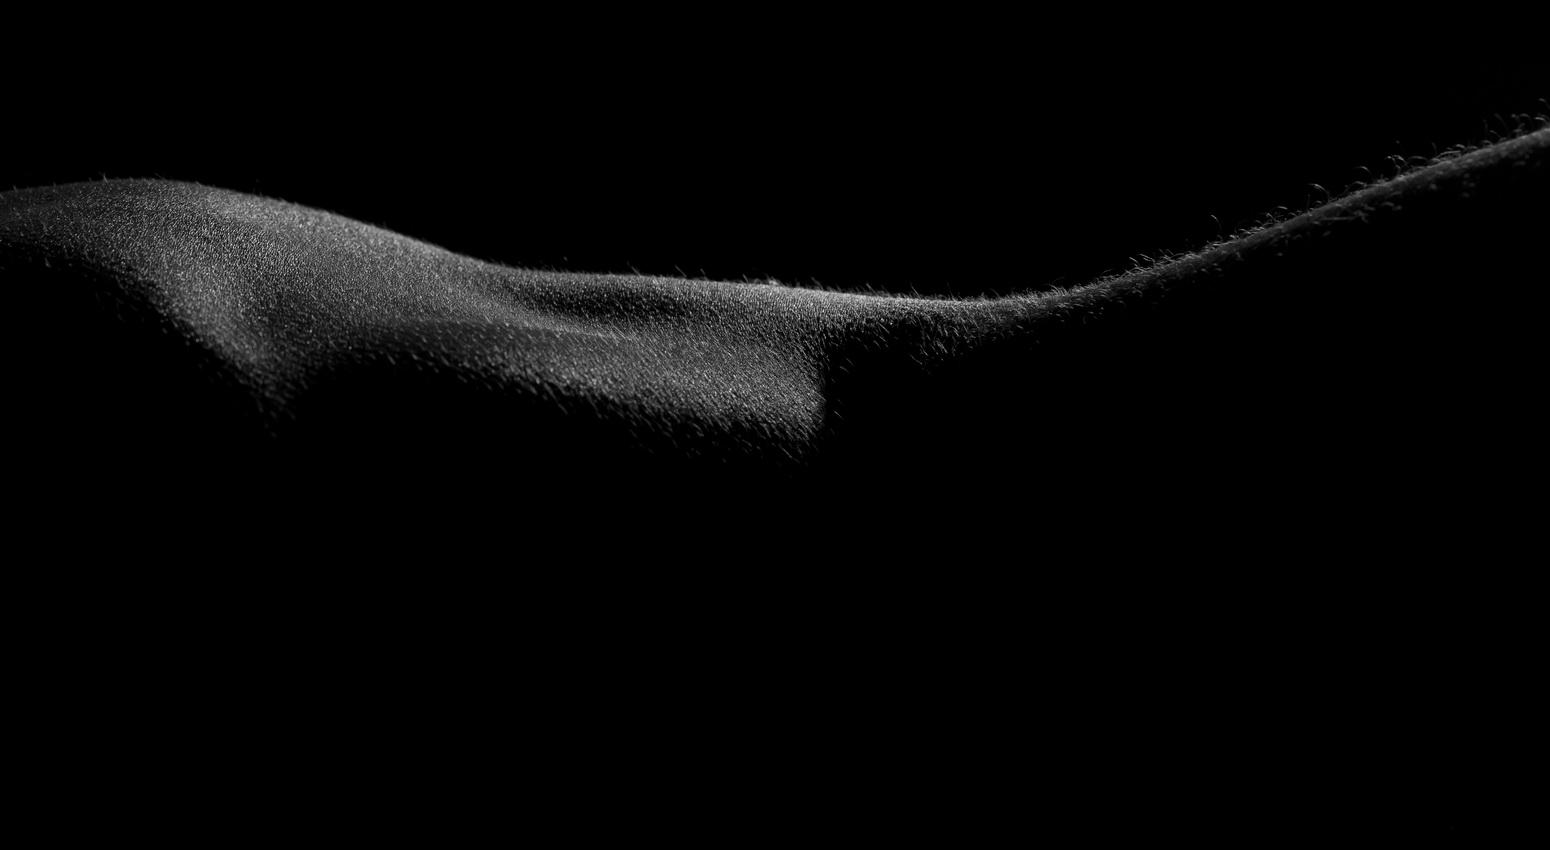 kartinki-siluet-erotika-24